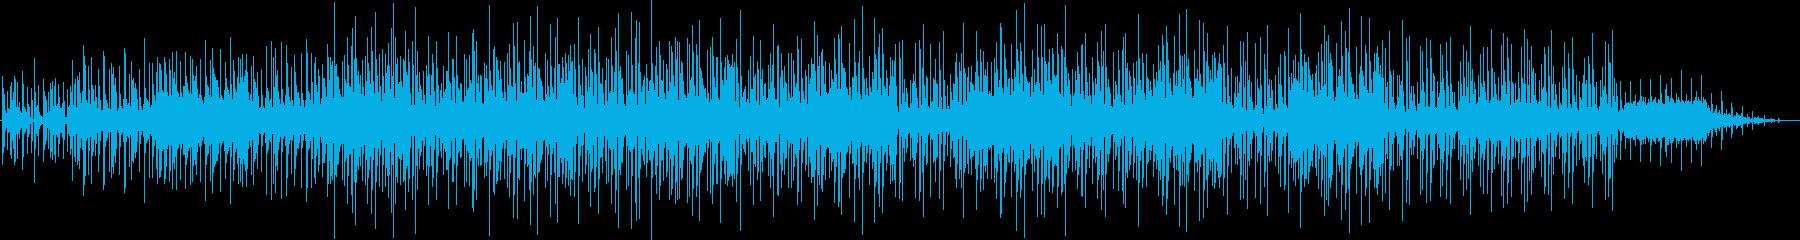 電子的なムーディーなインストゥルメ...の再生済みの波形